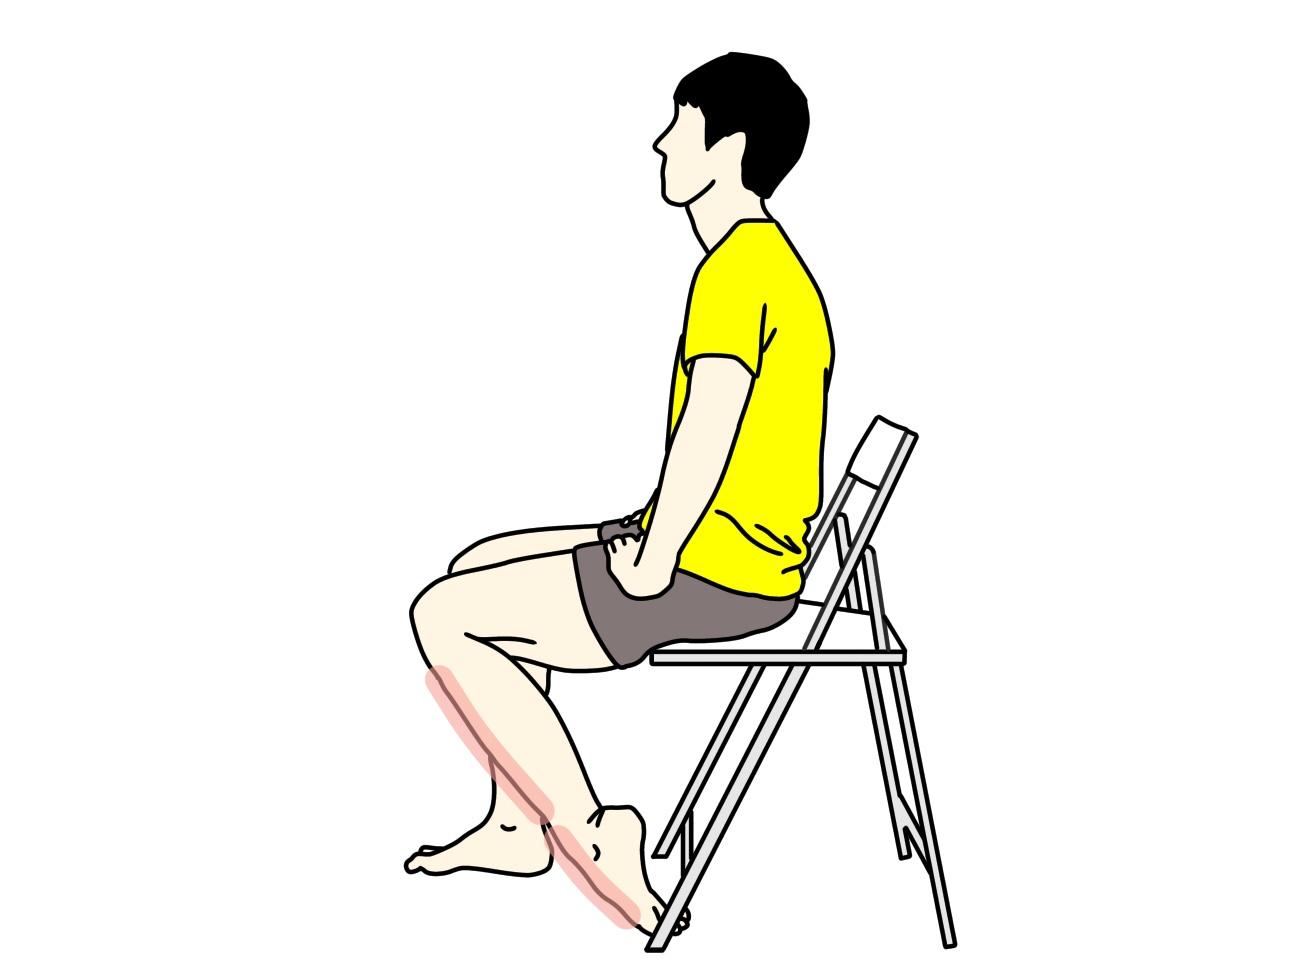 足の甲〜スネの筋肉(前脛骨筋)のストレッチで伸びる場所